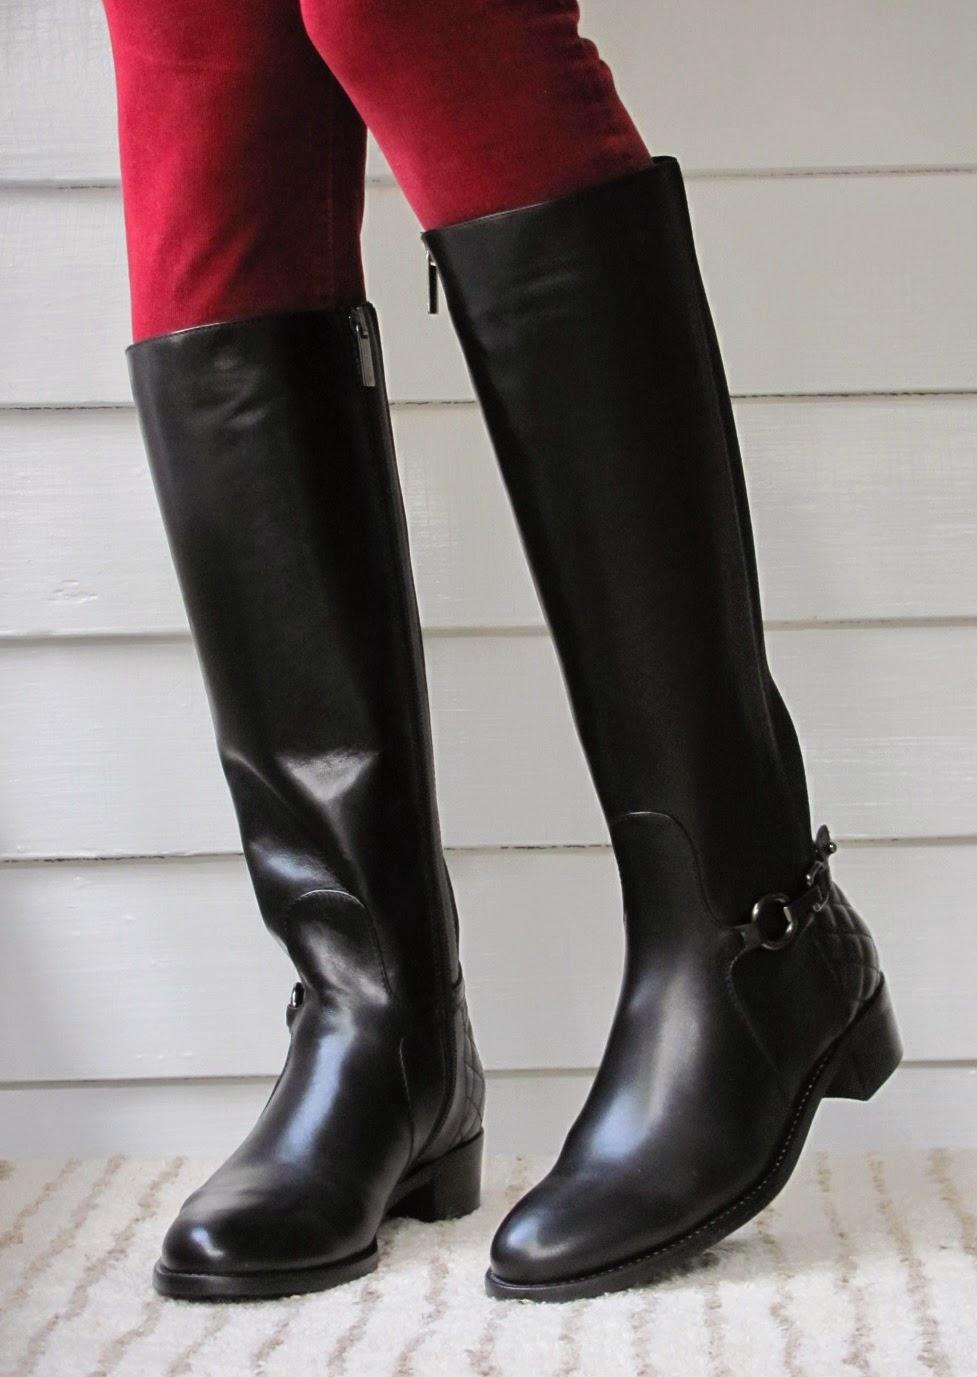 Howdy Slim! Riding Boots for Thin Calves: Aquatalia Oralie